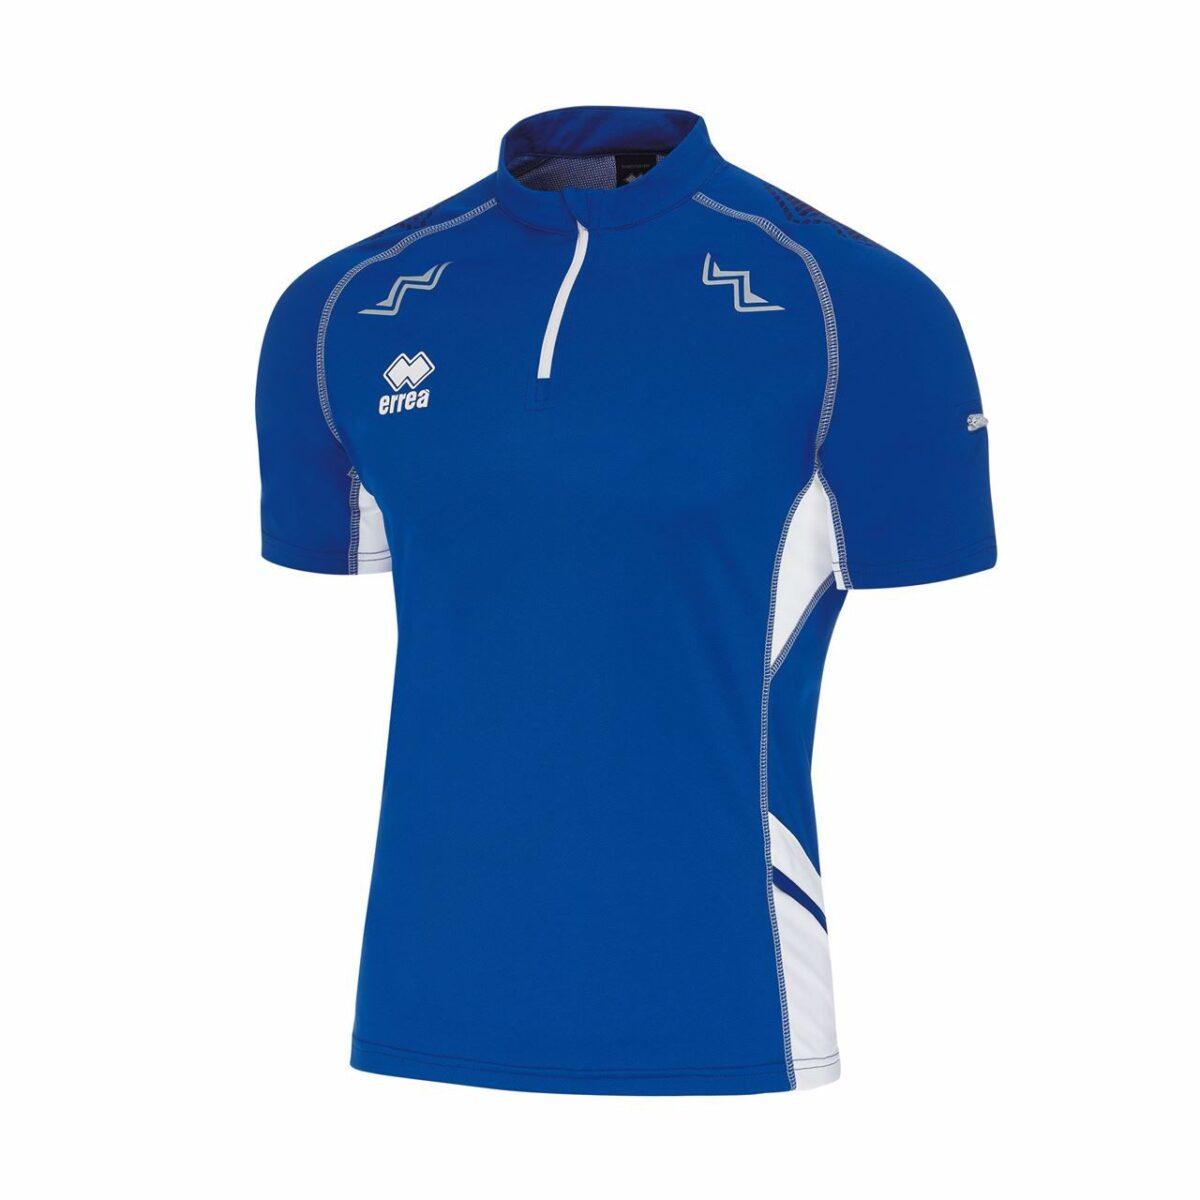 Errea ELDORADO Athletics Shirt EM2BOC